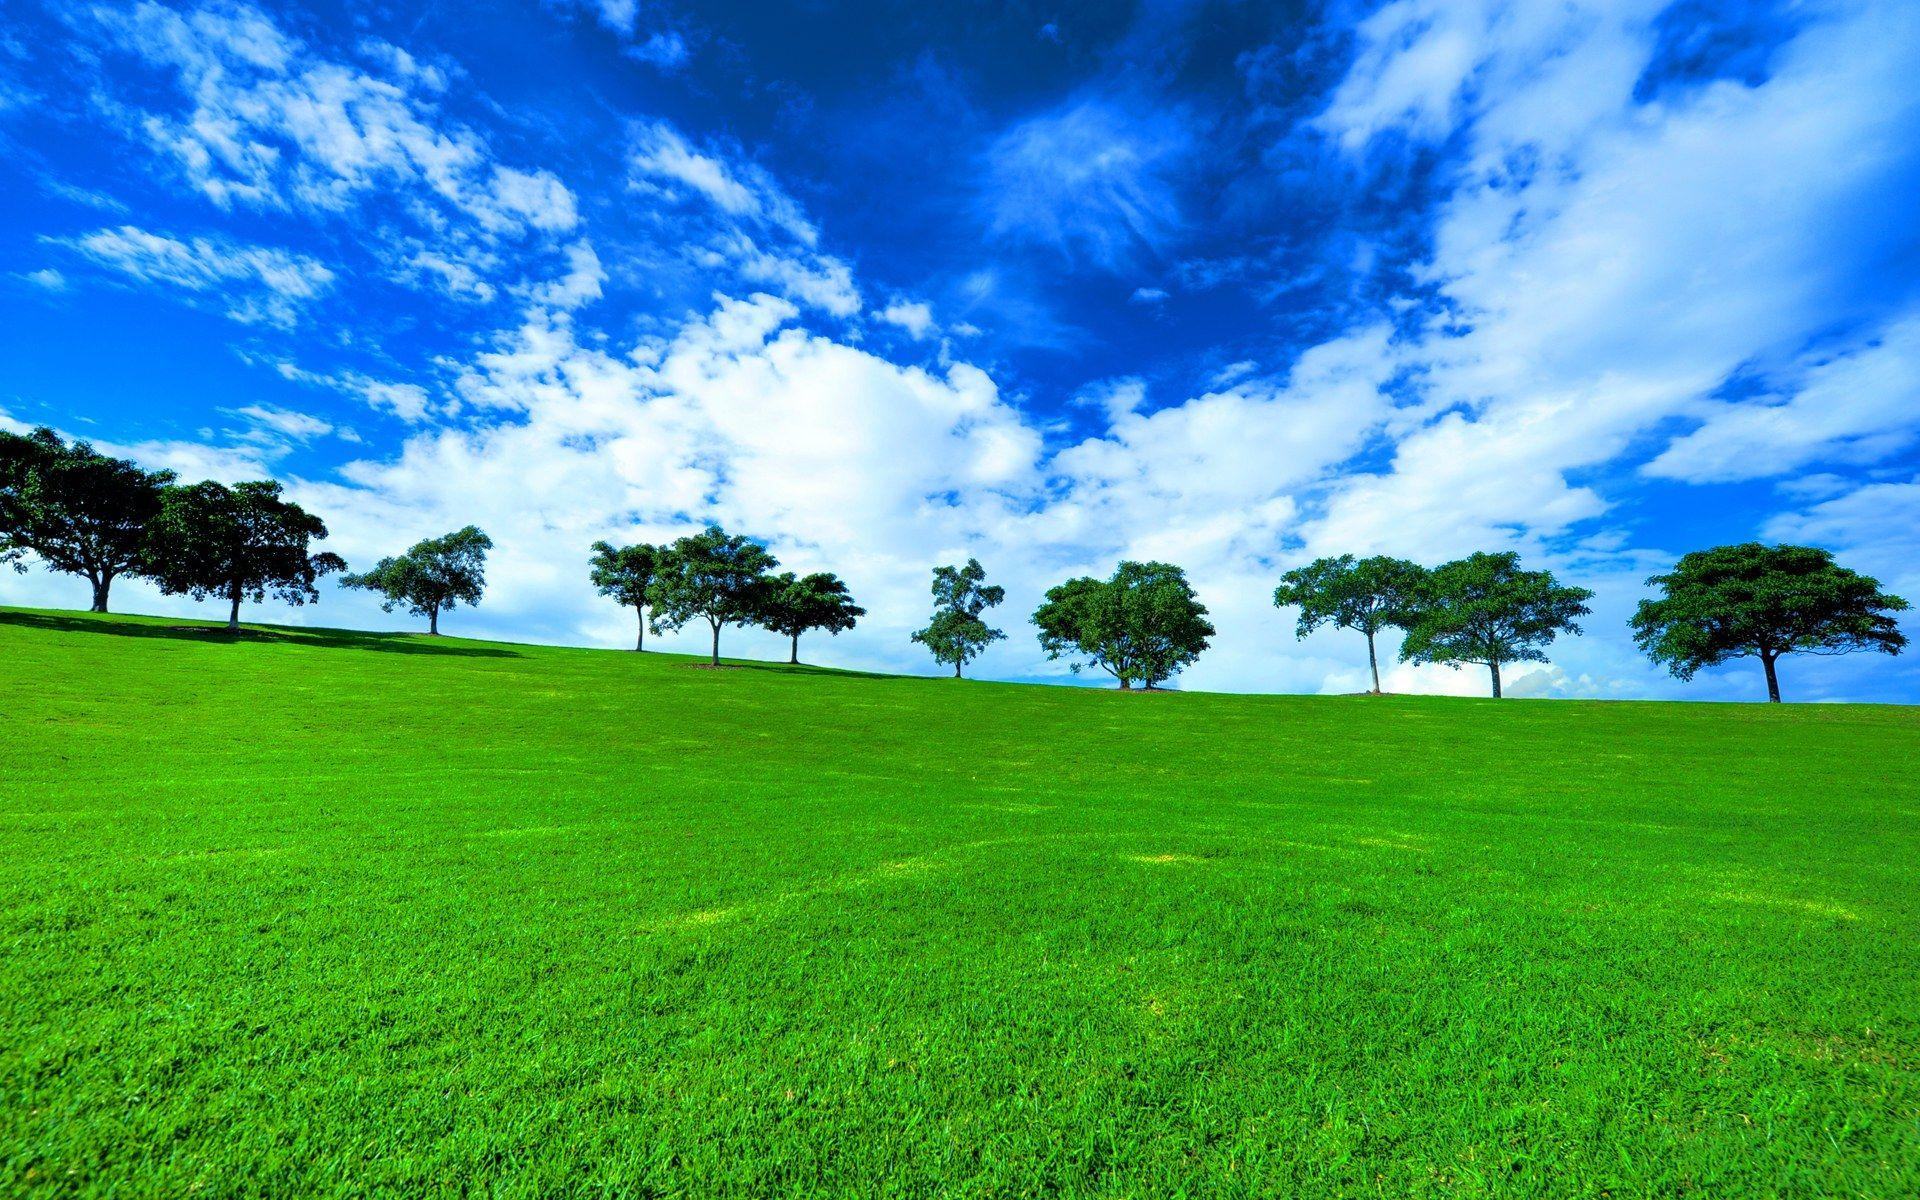 Australian Landscape Pictures Free Desktop Backgrounds With Australia Background Landscape Photo Field Wallpaper Green Landscape Landscape Wallpaper